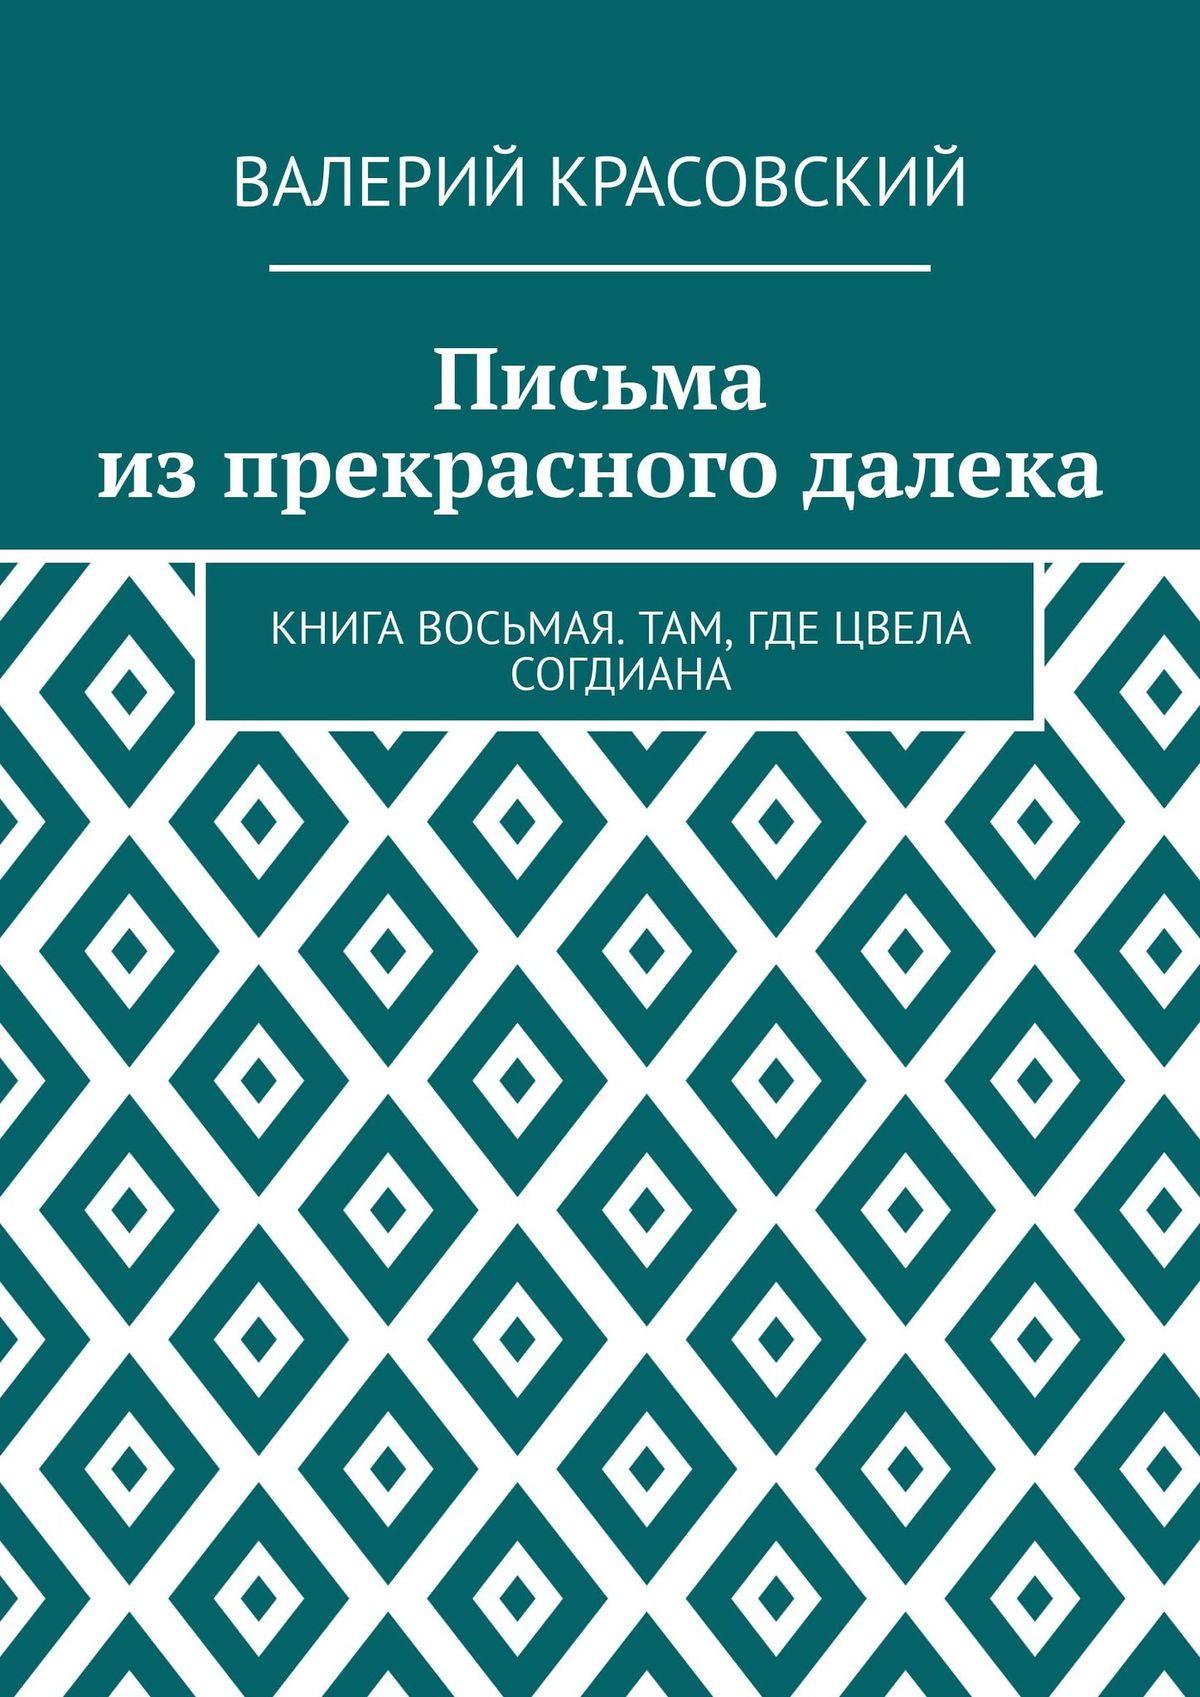 Валерий Федорович Красовский Письма из прекрасного далека. Книга восьмая. Там, где цвела Согдиана